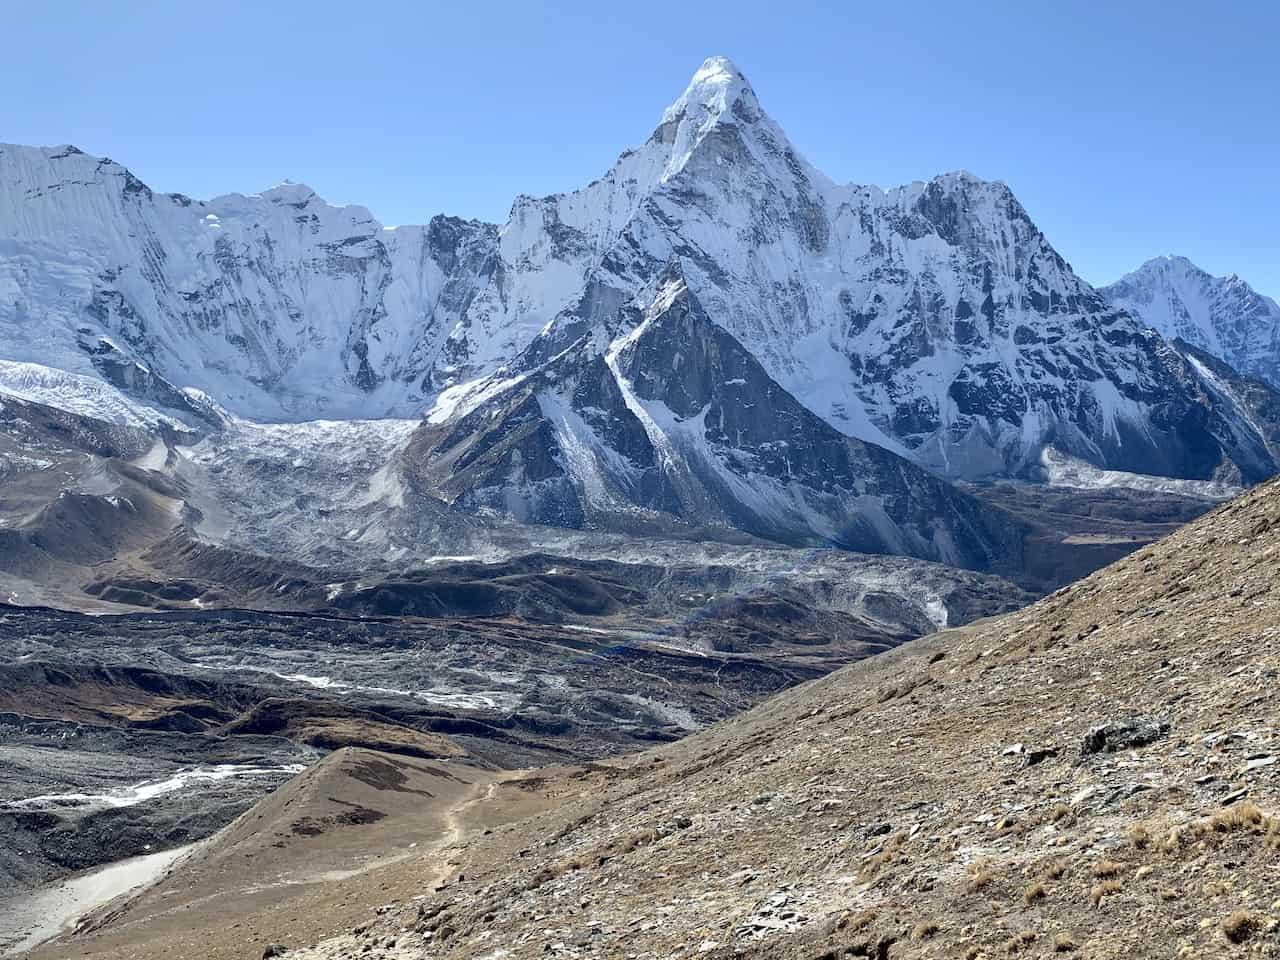 Ama Dablam Glacier View